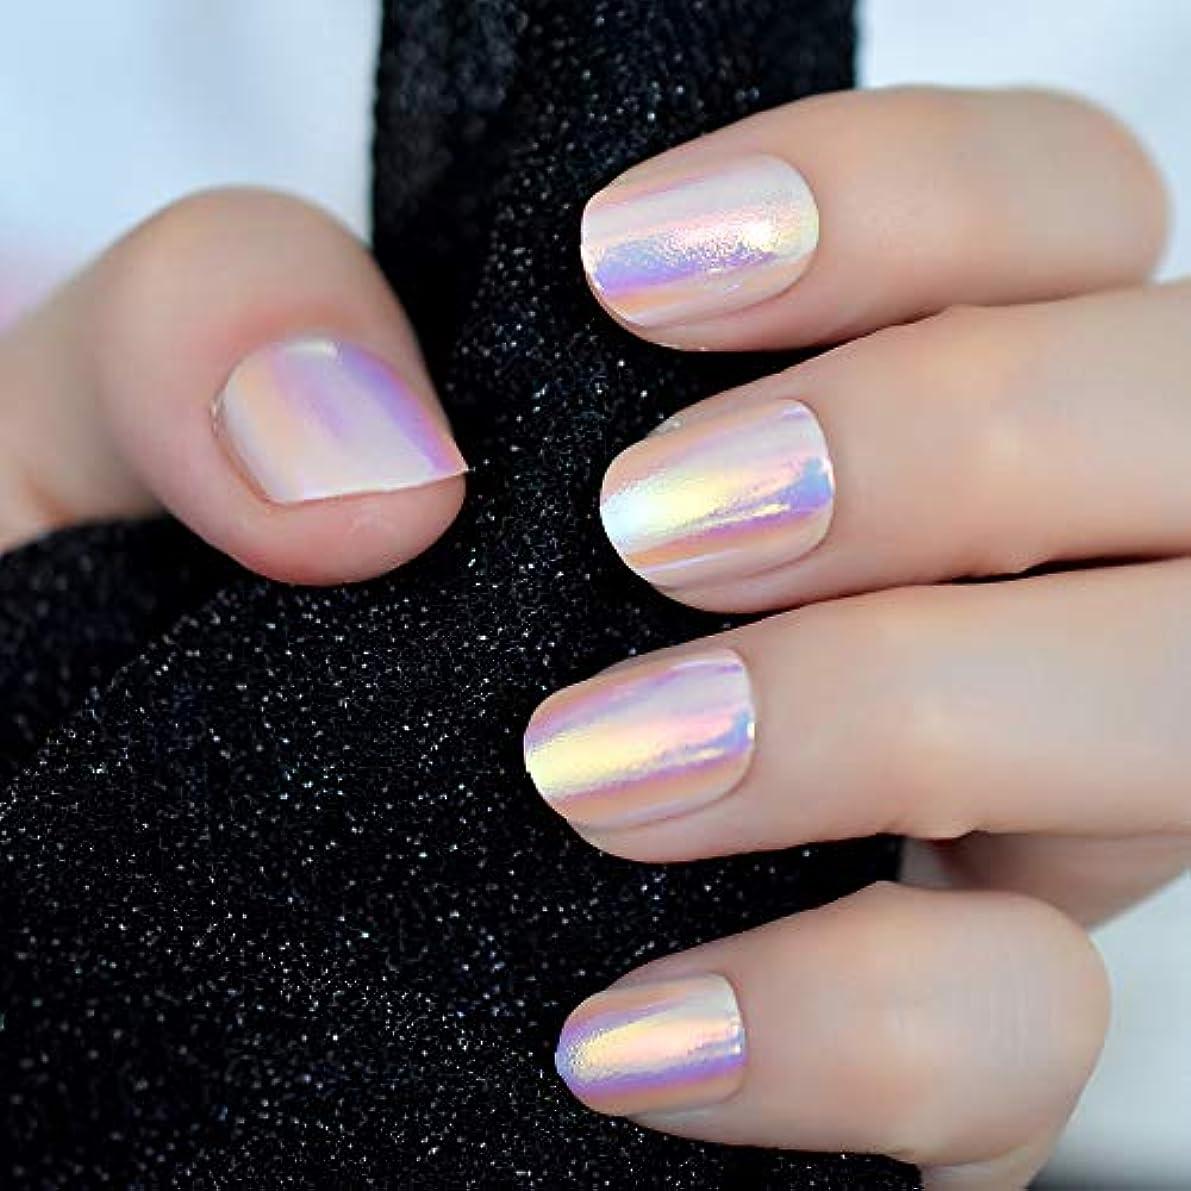 マラウイ眠り違反XUTXZKA 虹色のピンクのショートフルフォールスステッカーと偽の爪を24本押し